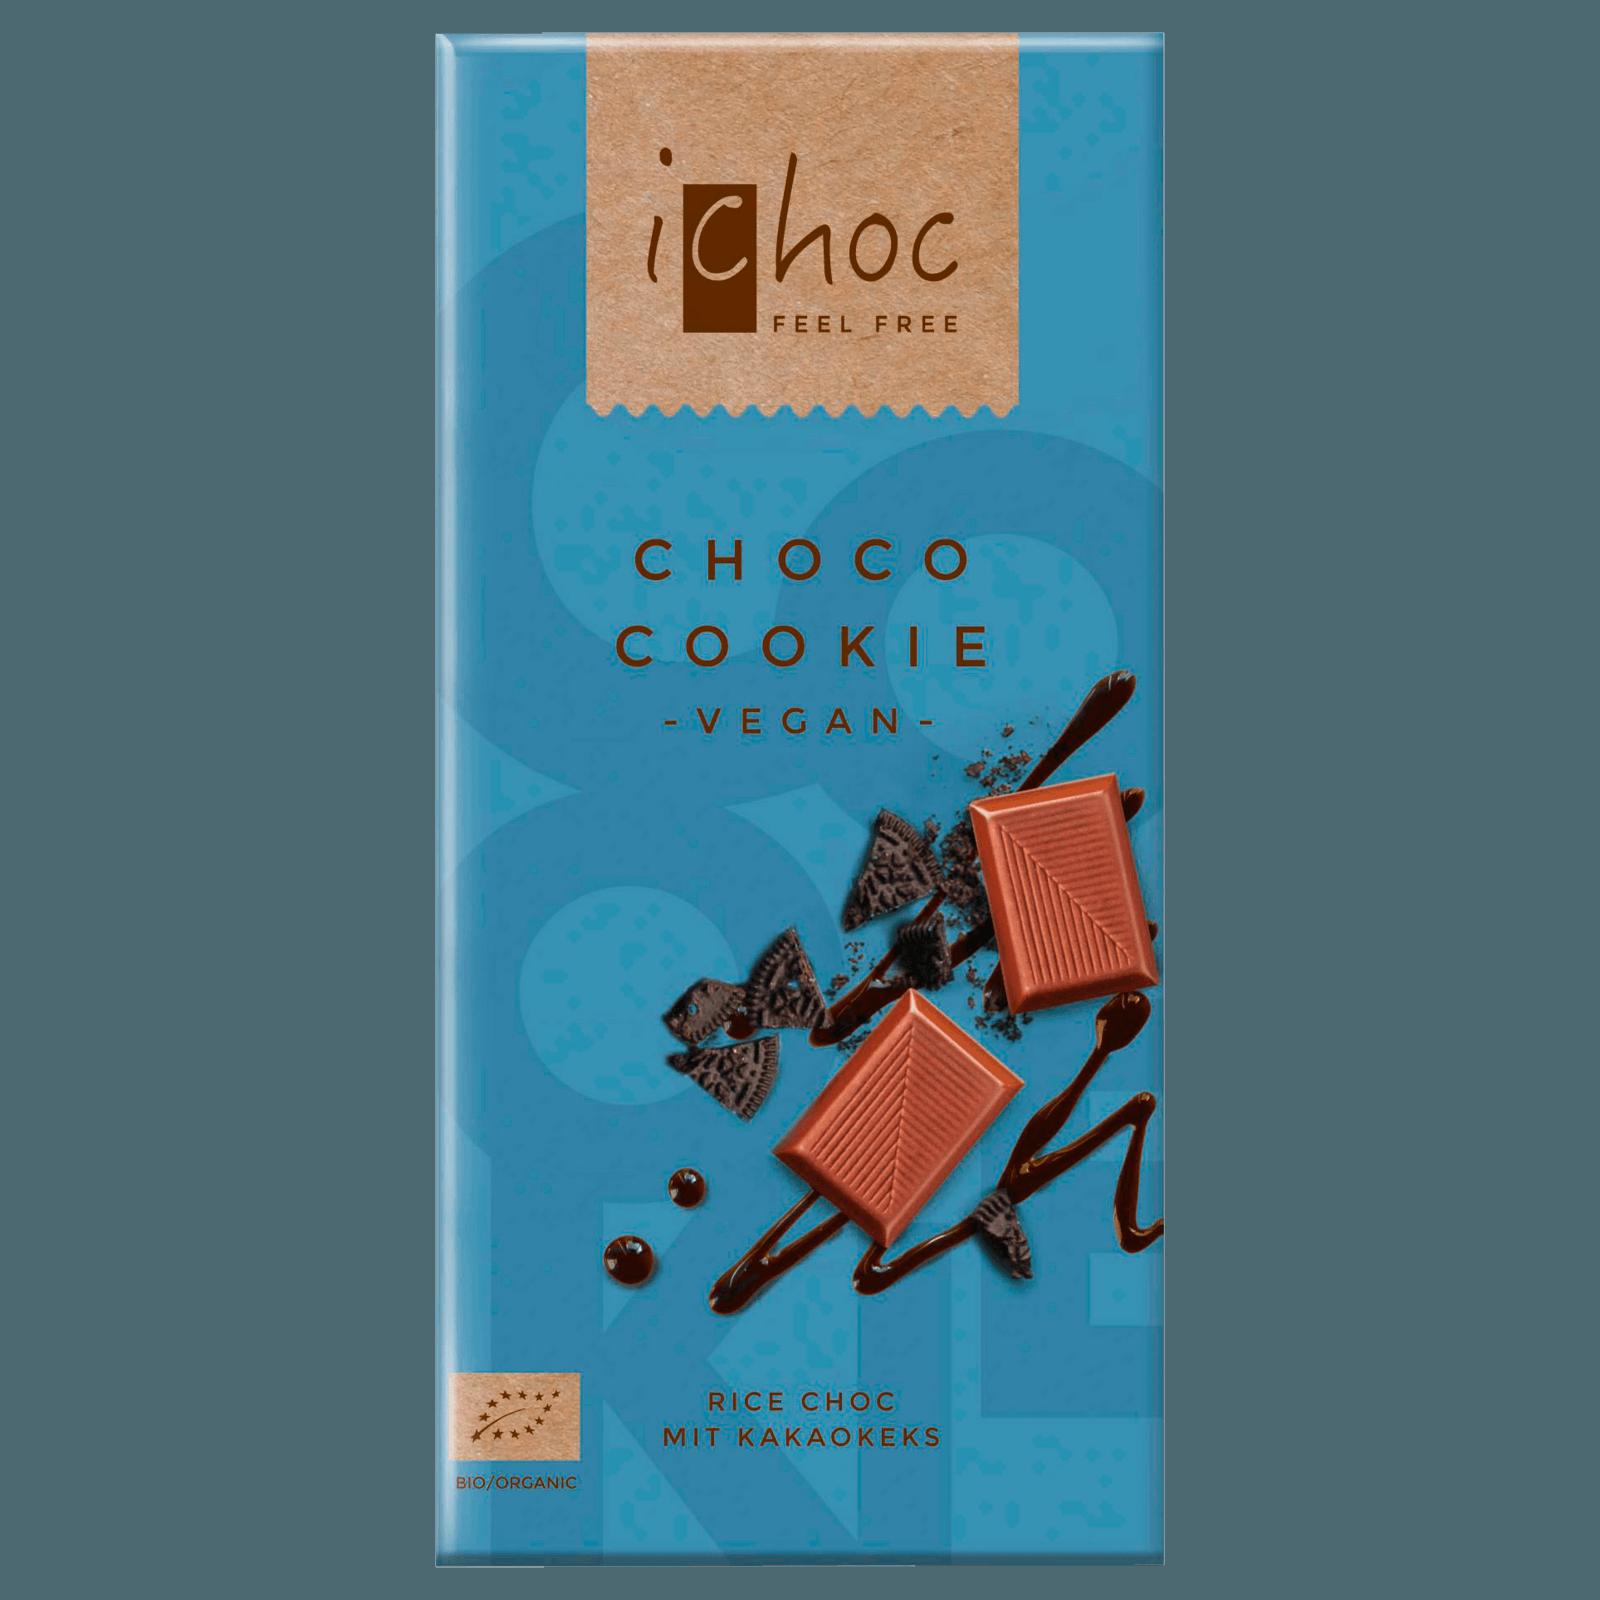 iChoc Choco Cookie Rice Choc 80g